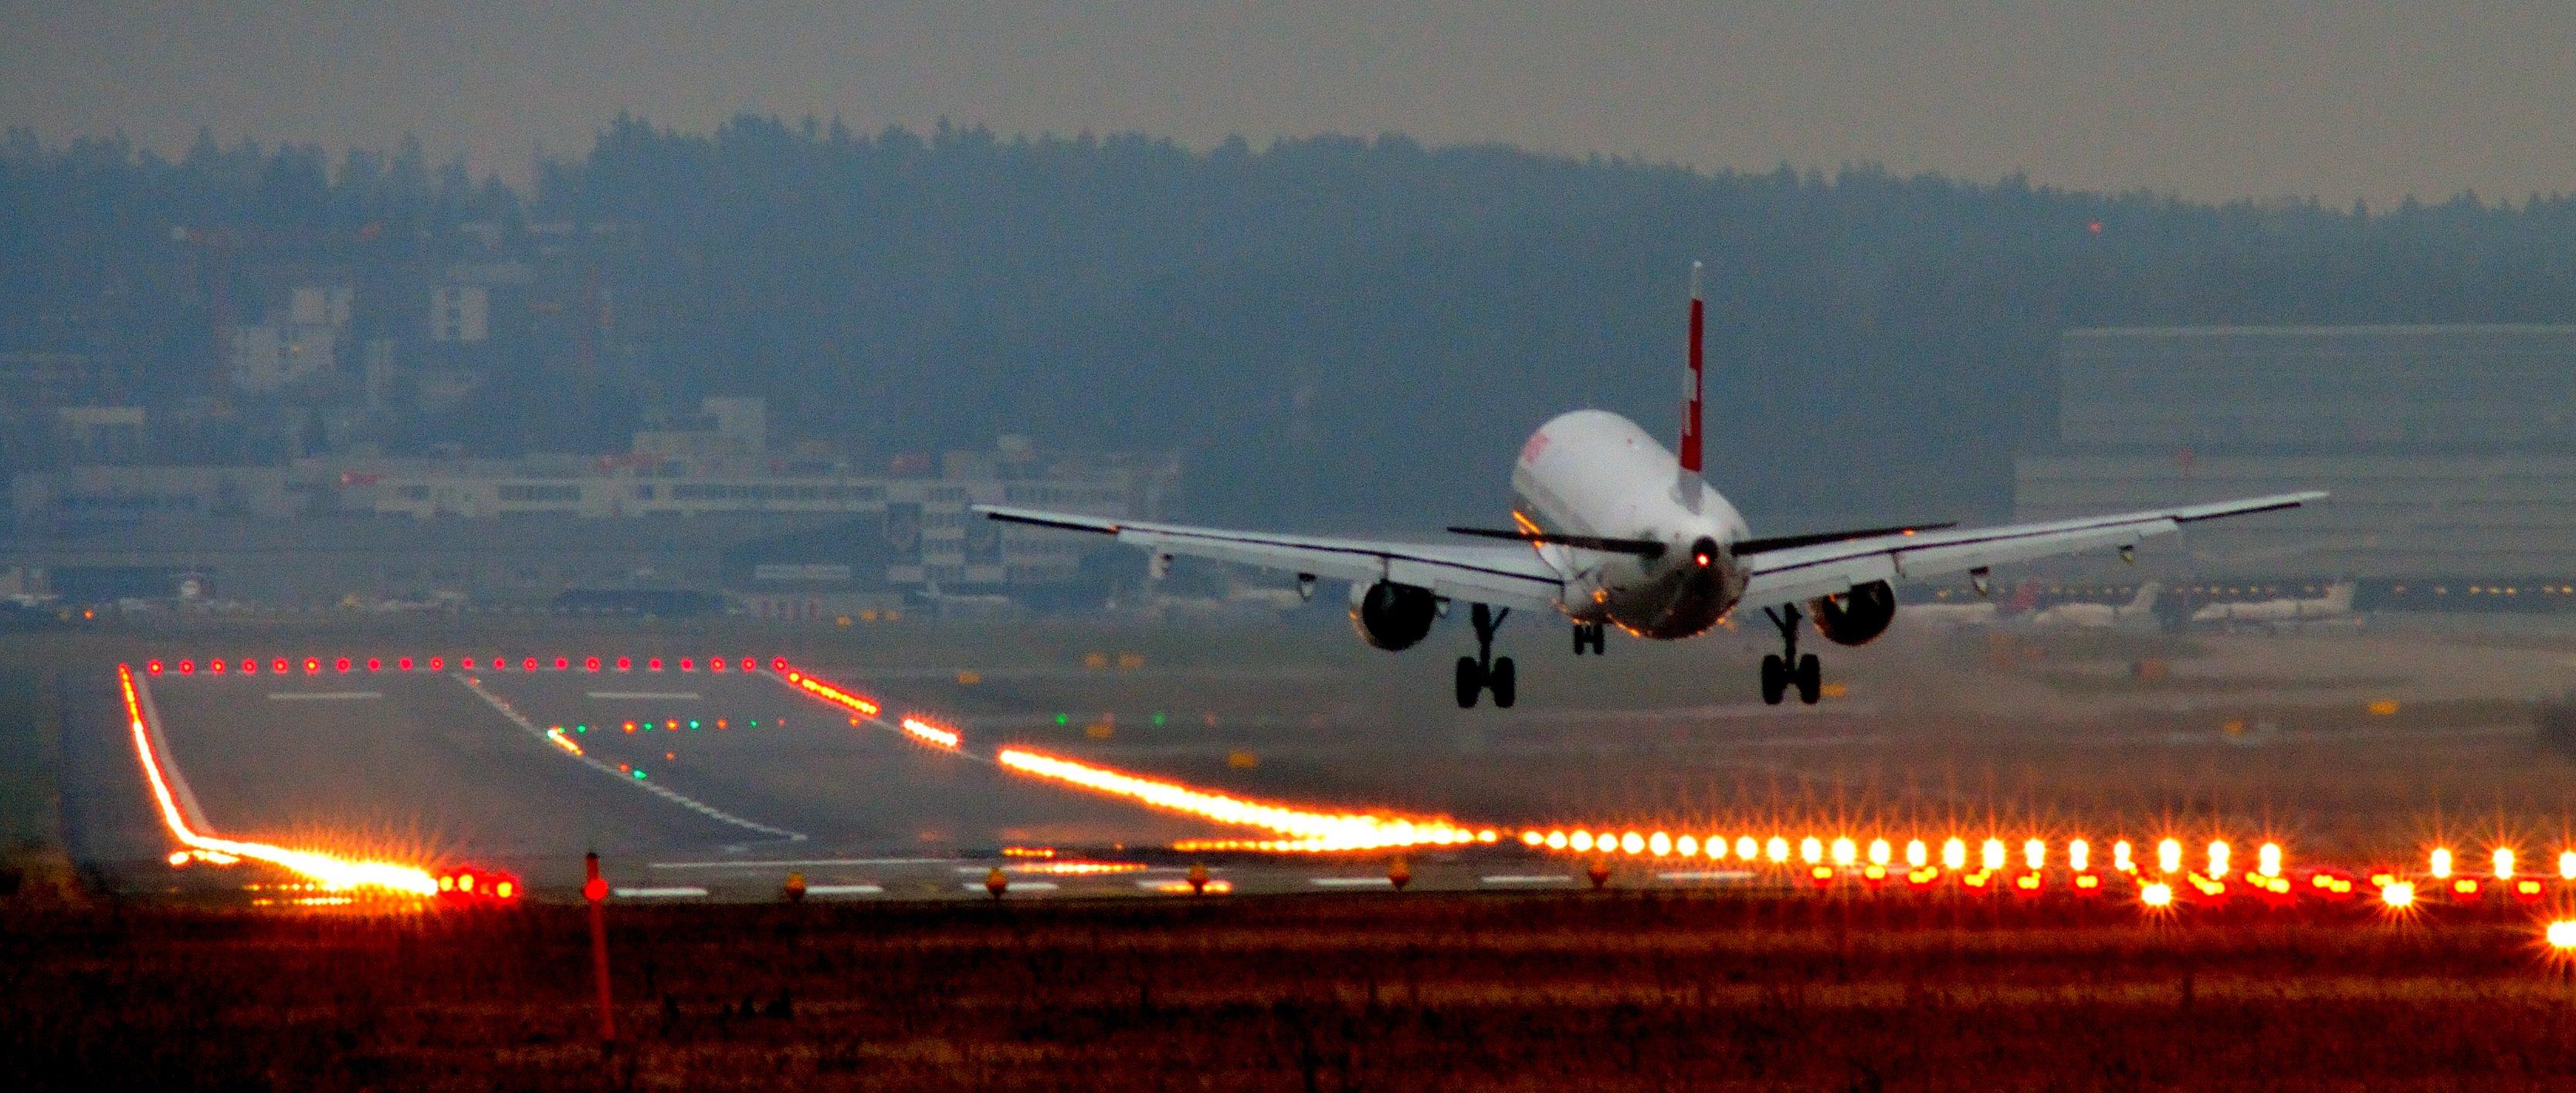 airplane landing wallpaper wallpapers - photo #3